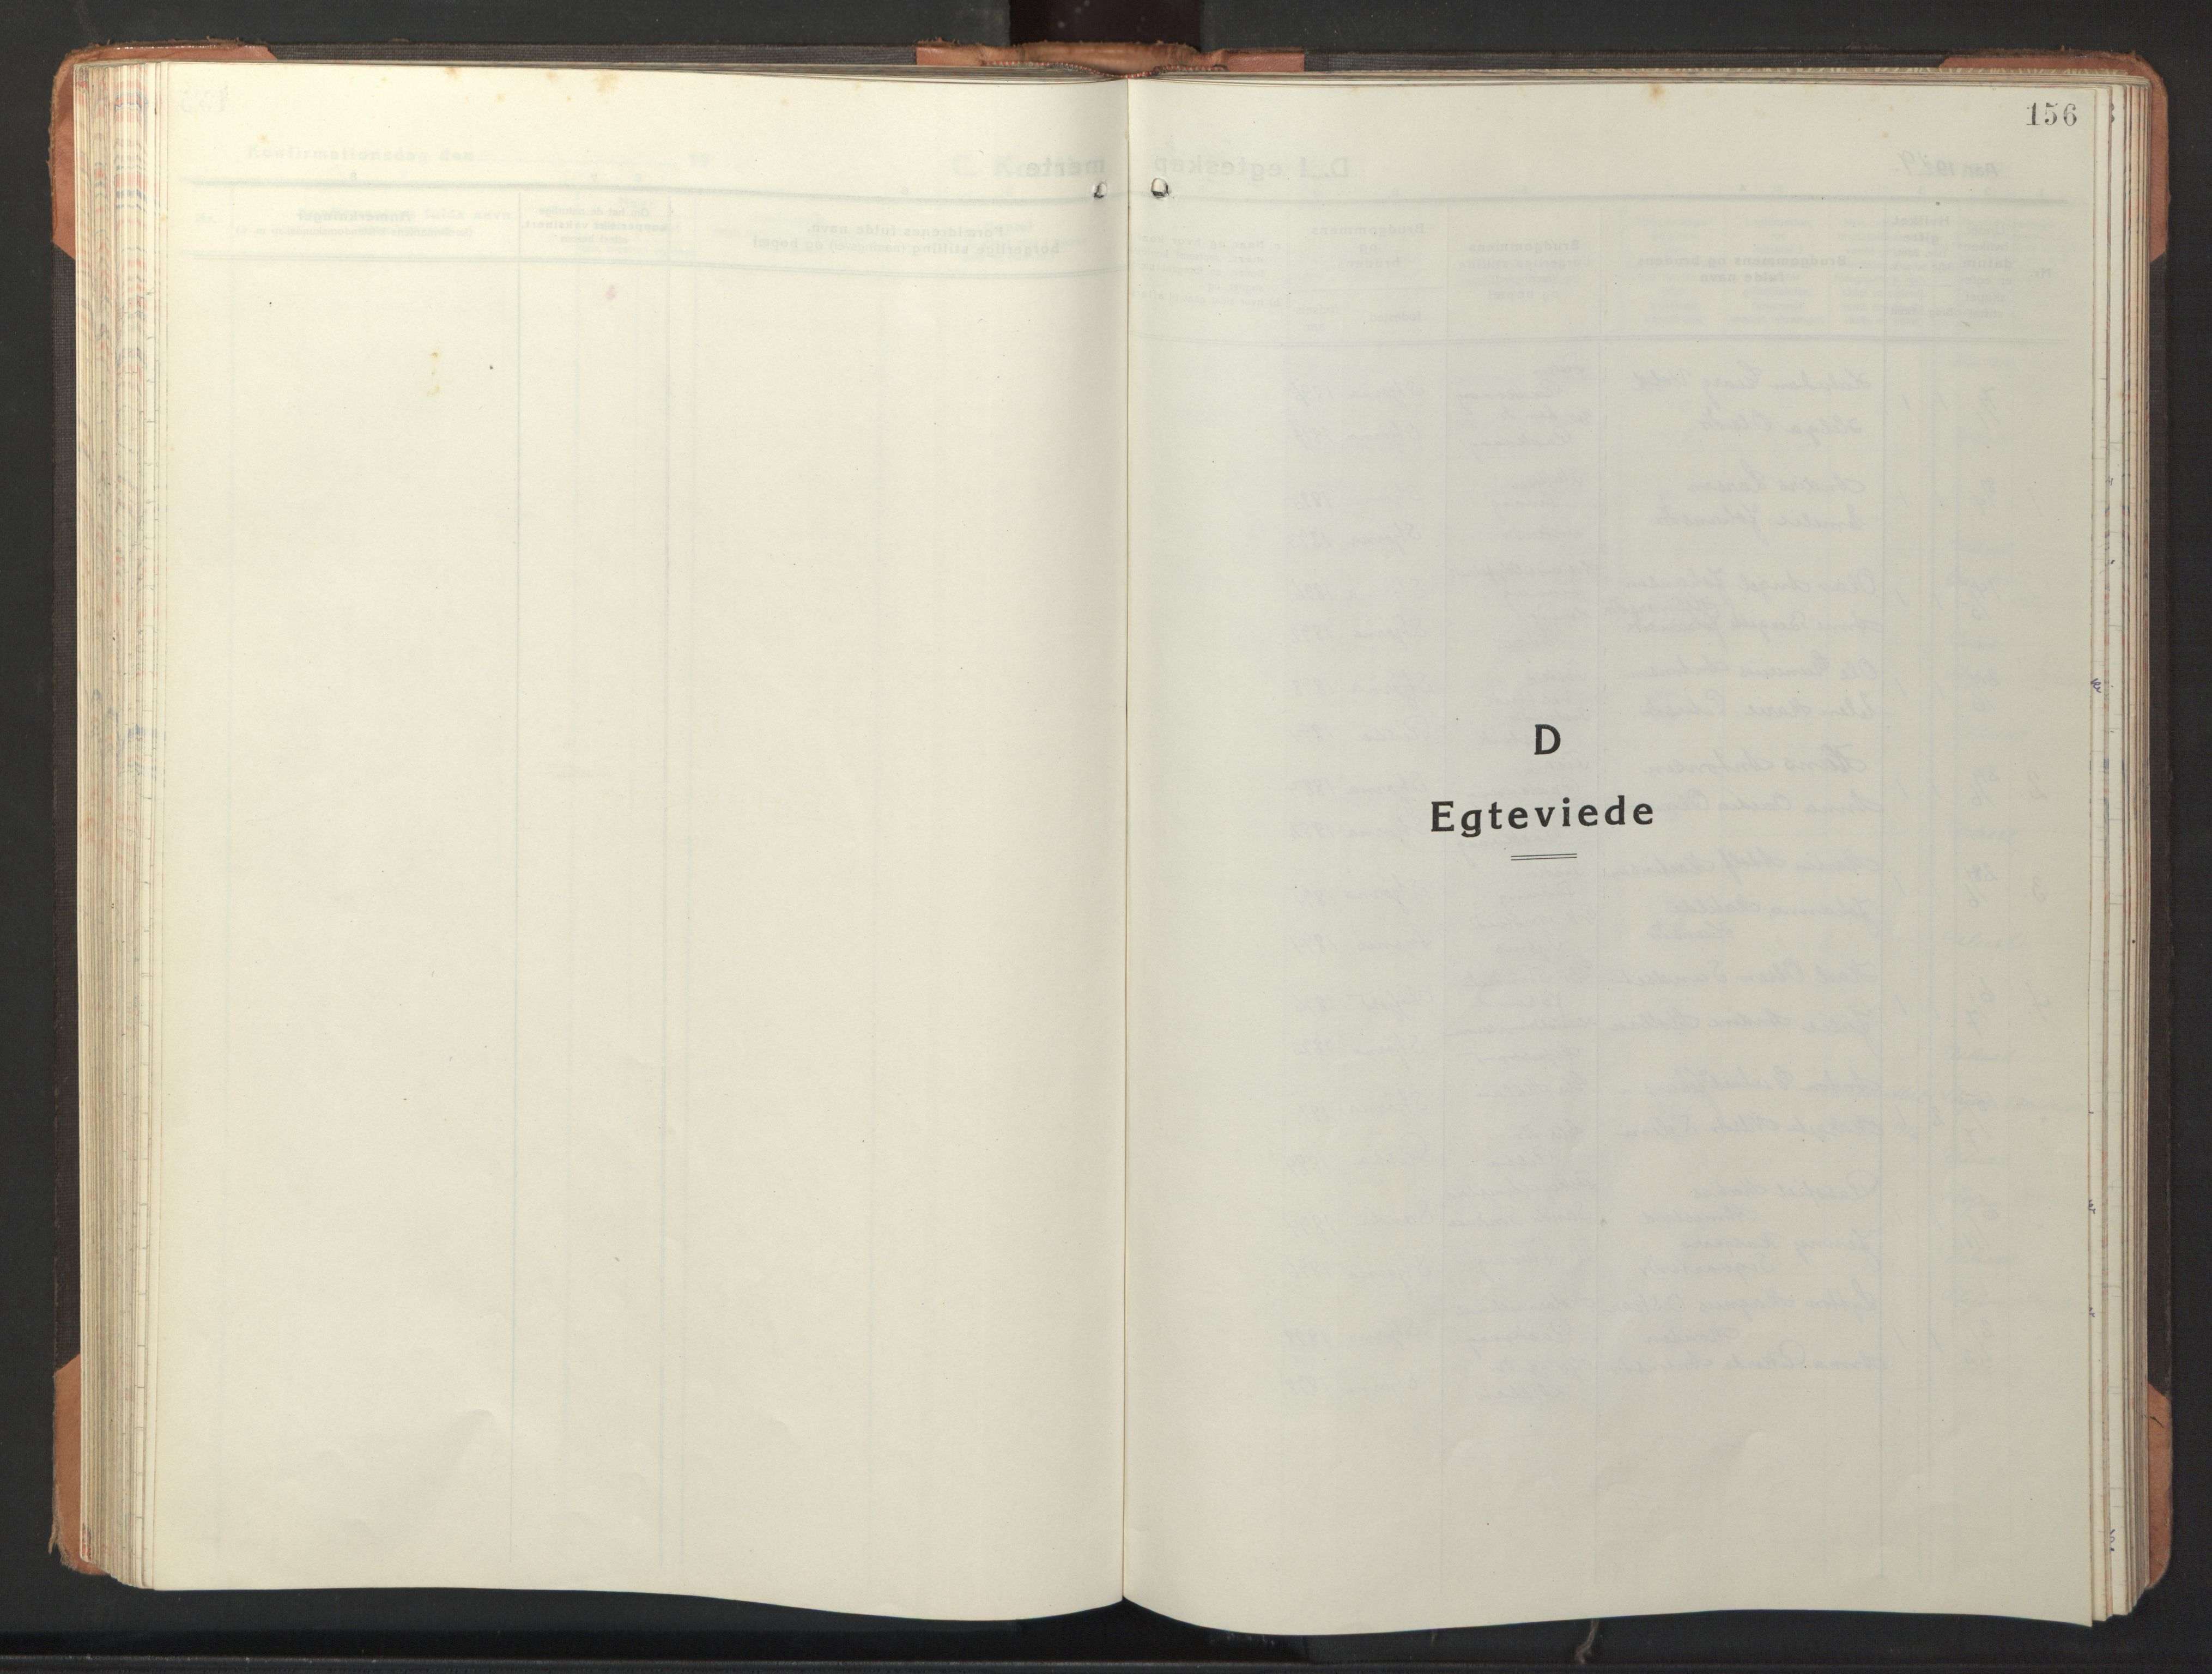 SAT, Ministerialprotokoller, klokkerbøker og fødselsregistre - Sør-Trøndelag, 653/L0658: Klokkerbok nr. 653C02, 1919-1947, s. 156